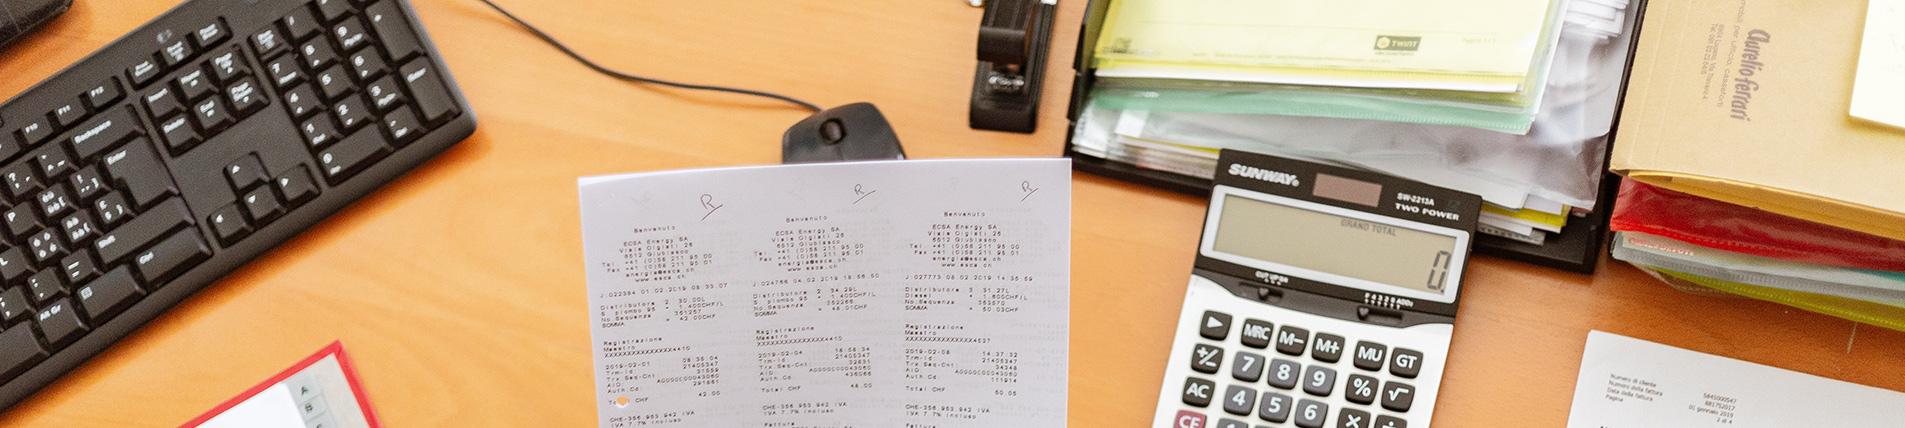 Buchhaltung - Mahnwesen epayments Zahlungsabwicklung offene Posten Taschenrechner Aktenordner - E-Commerce